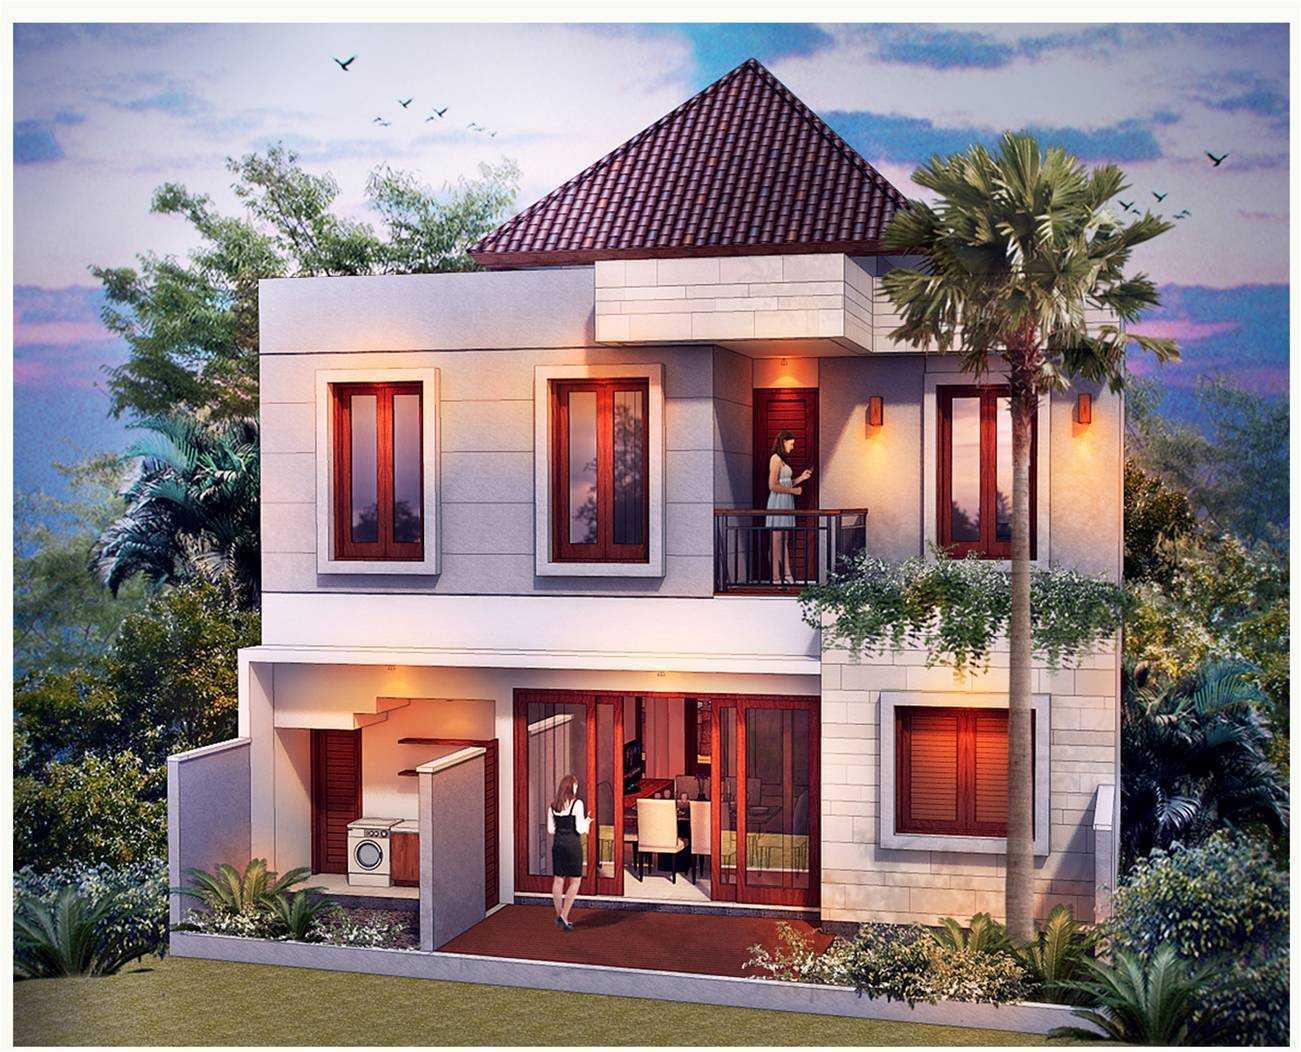 Hg Architects & Designers Associates C28 - Private House Denpasar, Bali Denpasar, Bali Facade  24420